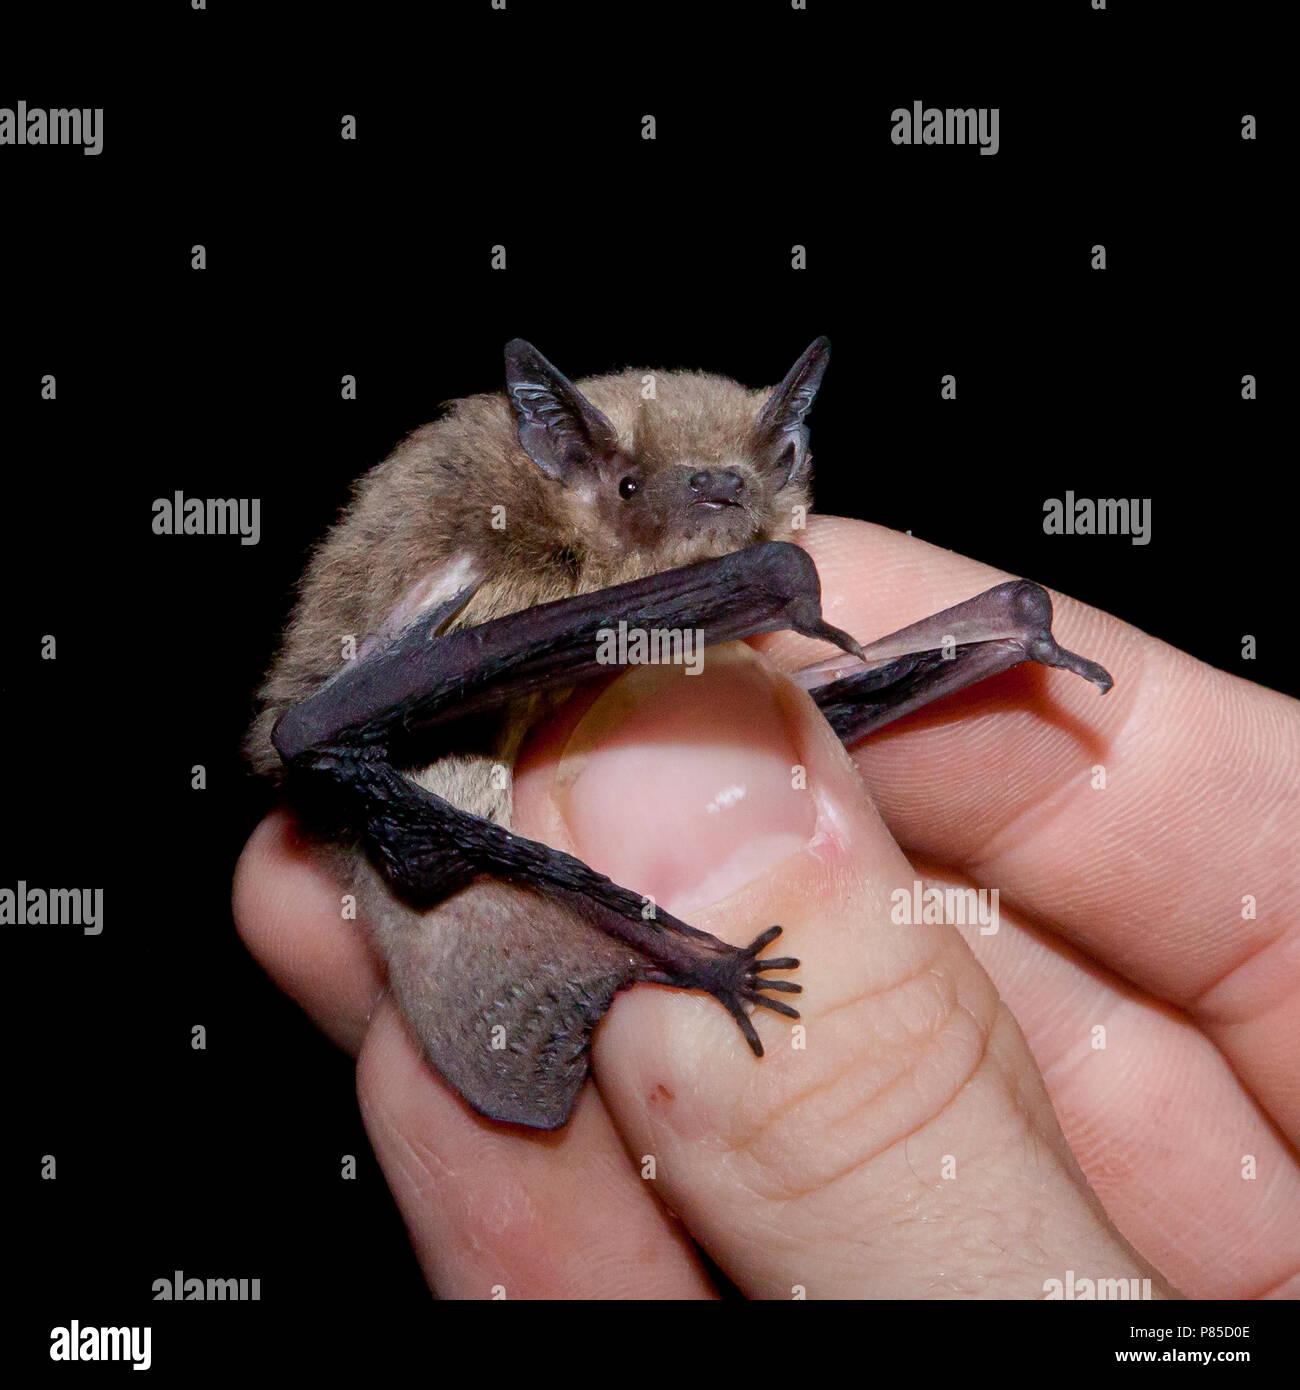 Ruige dwergvleermuis in de hand voor onderzoek, Nathusius' pipistrelle in hand for research - Stock Image